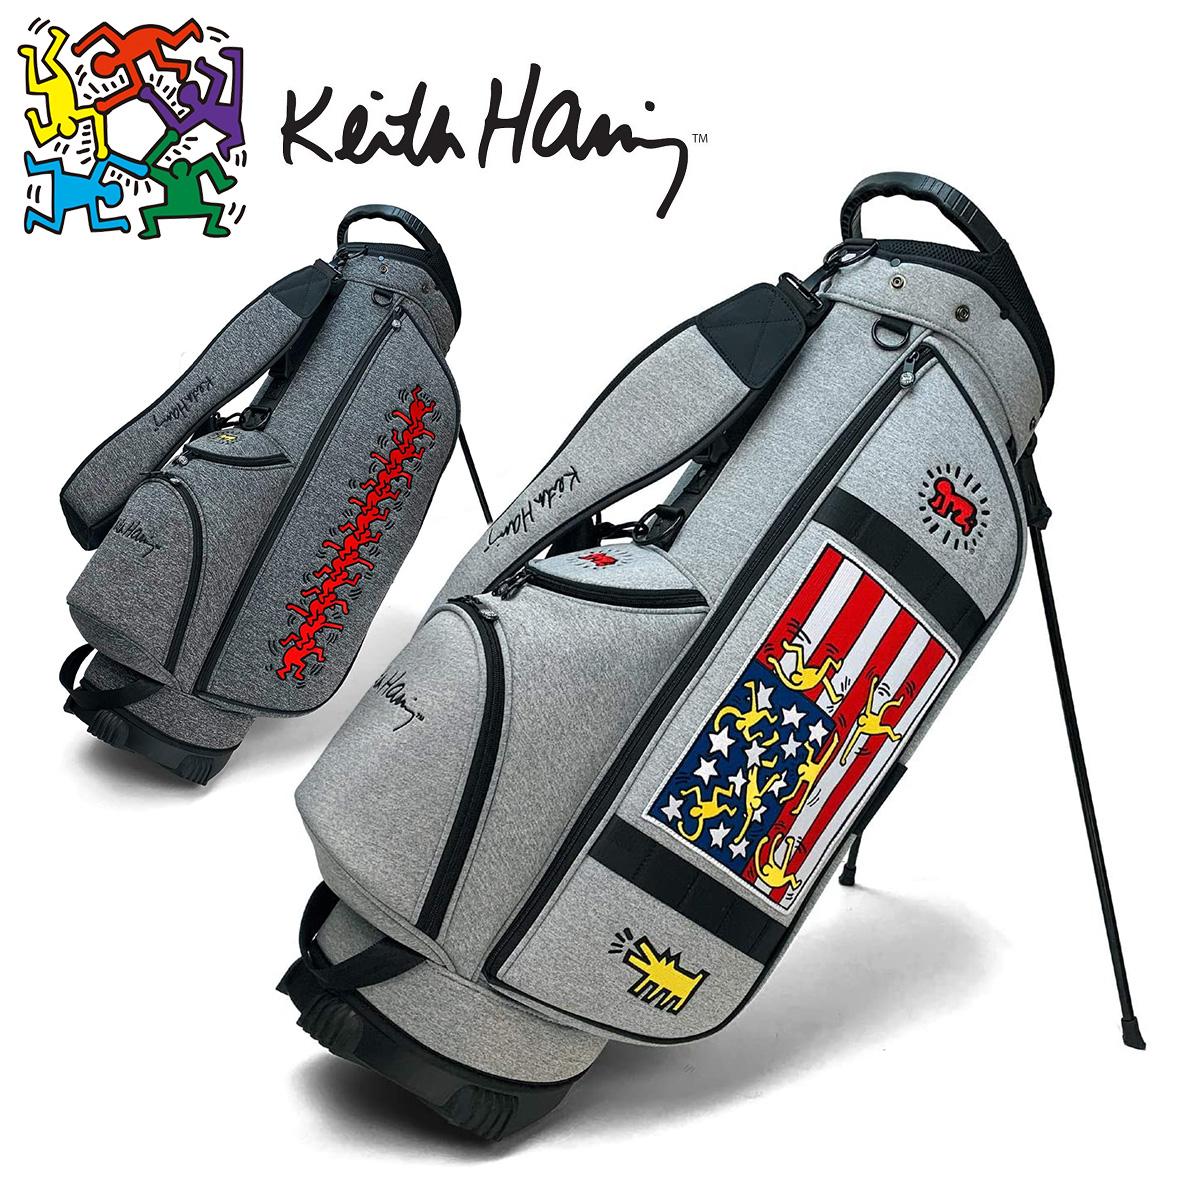 【【最大4999円OFFクーポン】】Keith Haring (キース ヘリング) ゴルフ スタンド キャディバッグ 2020新製品 スタンドバッグ 「KHCB-05」 【あす楽対応】